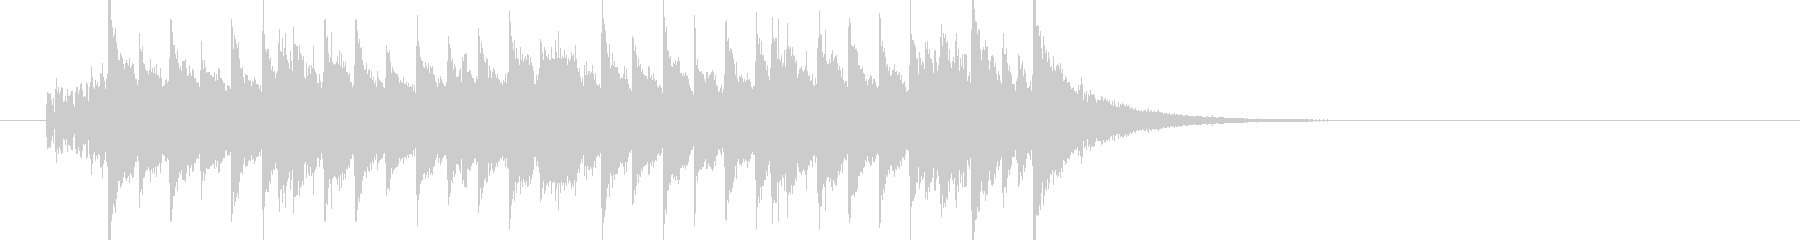 ディズニー風ポップジングル、マーチ(M)の未再生の波形